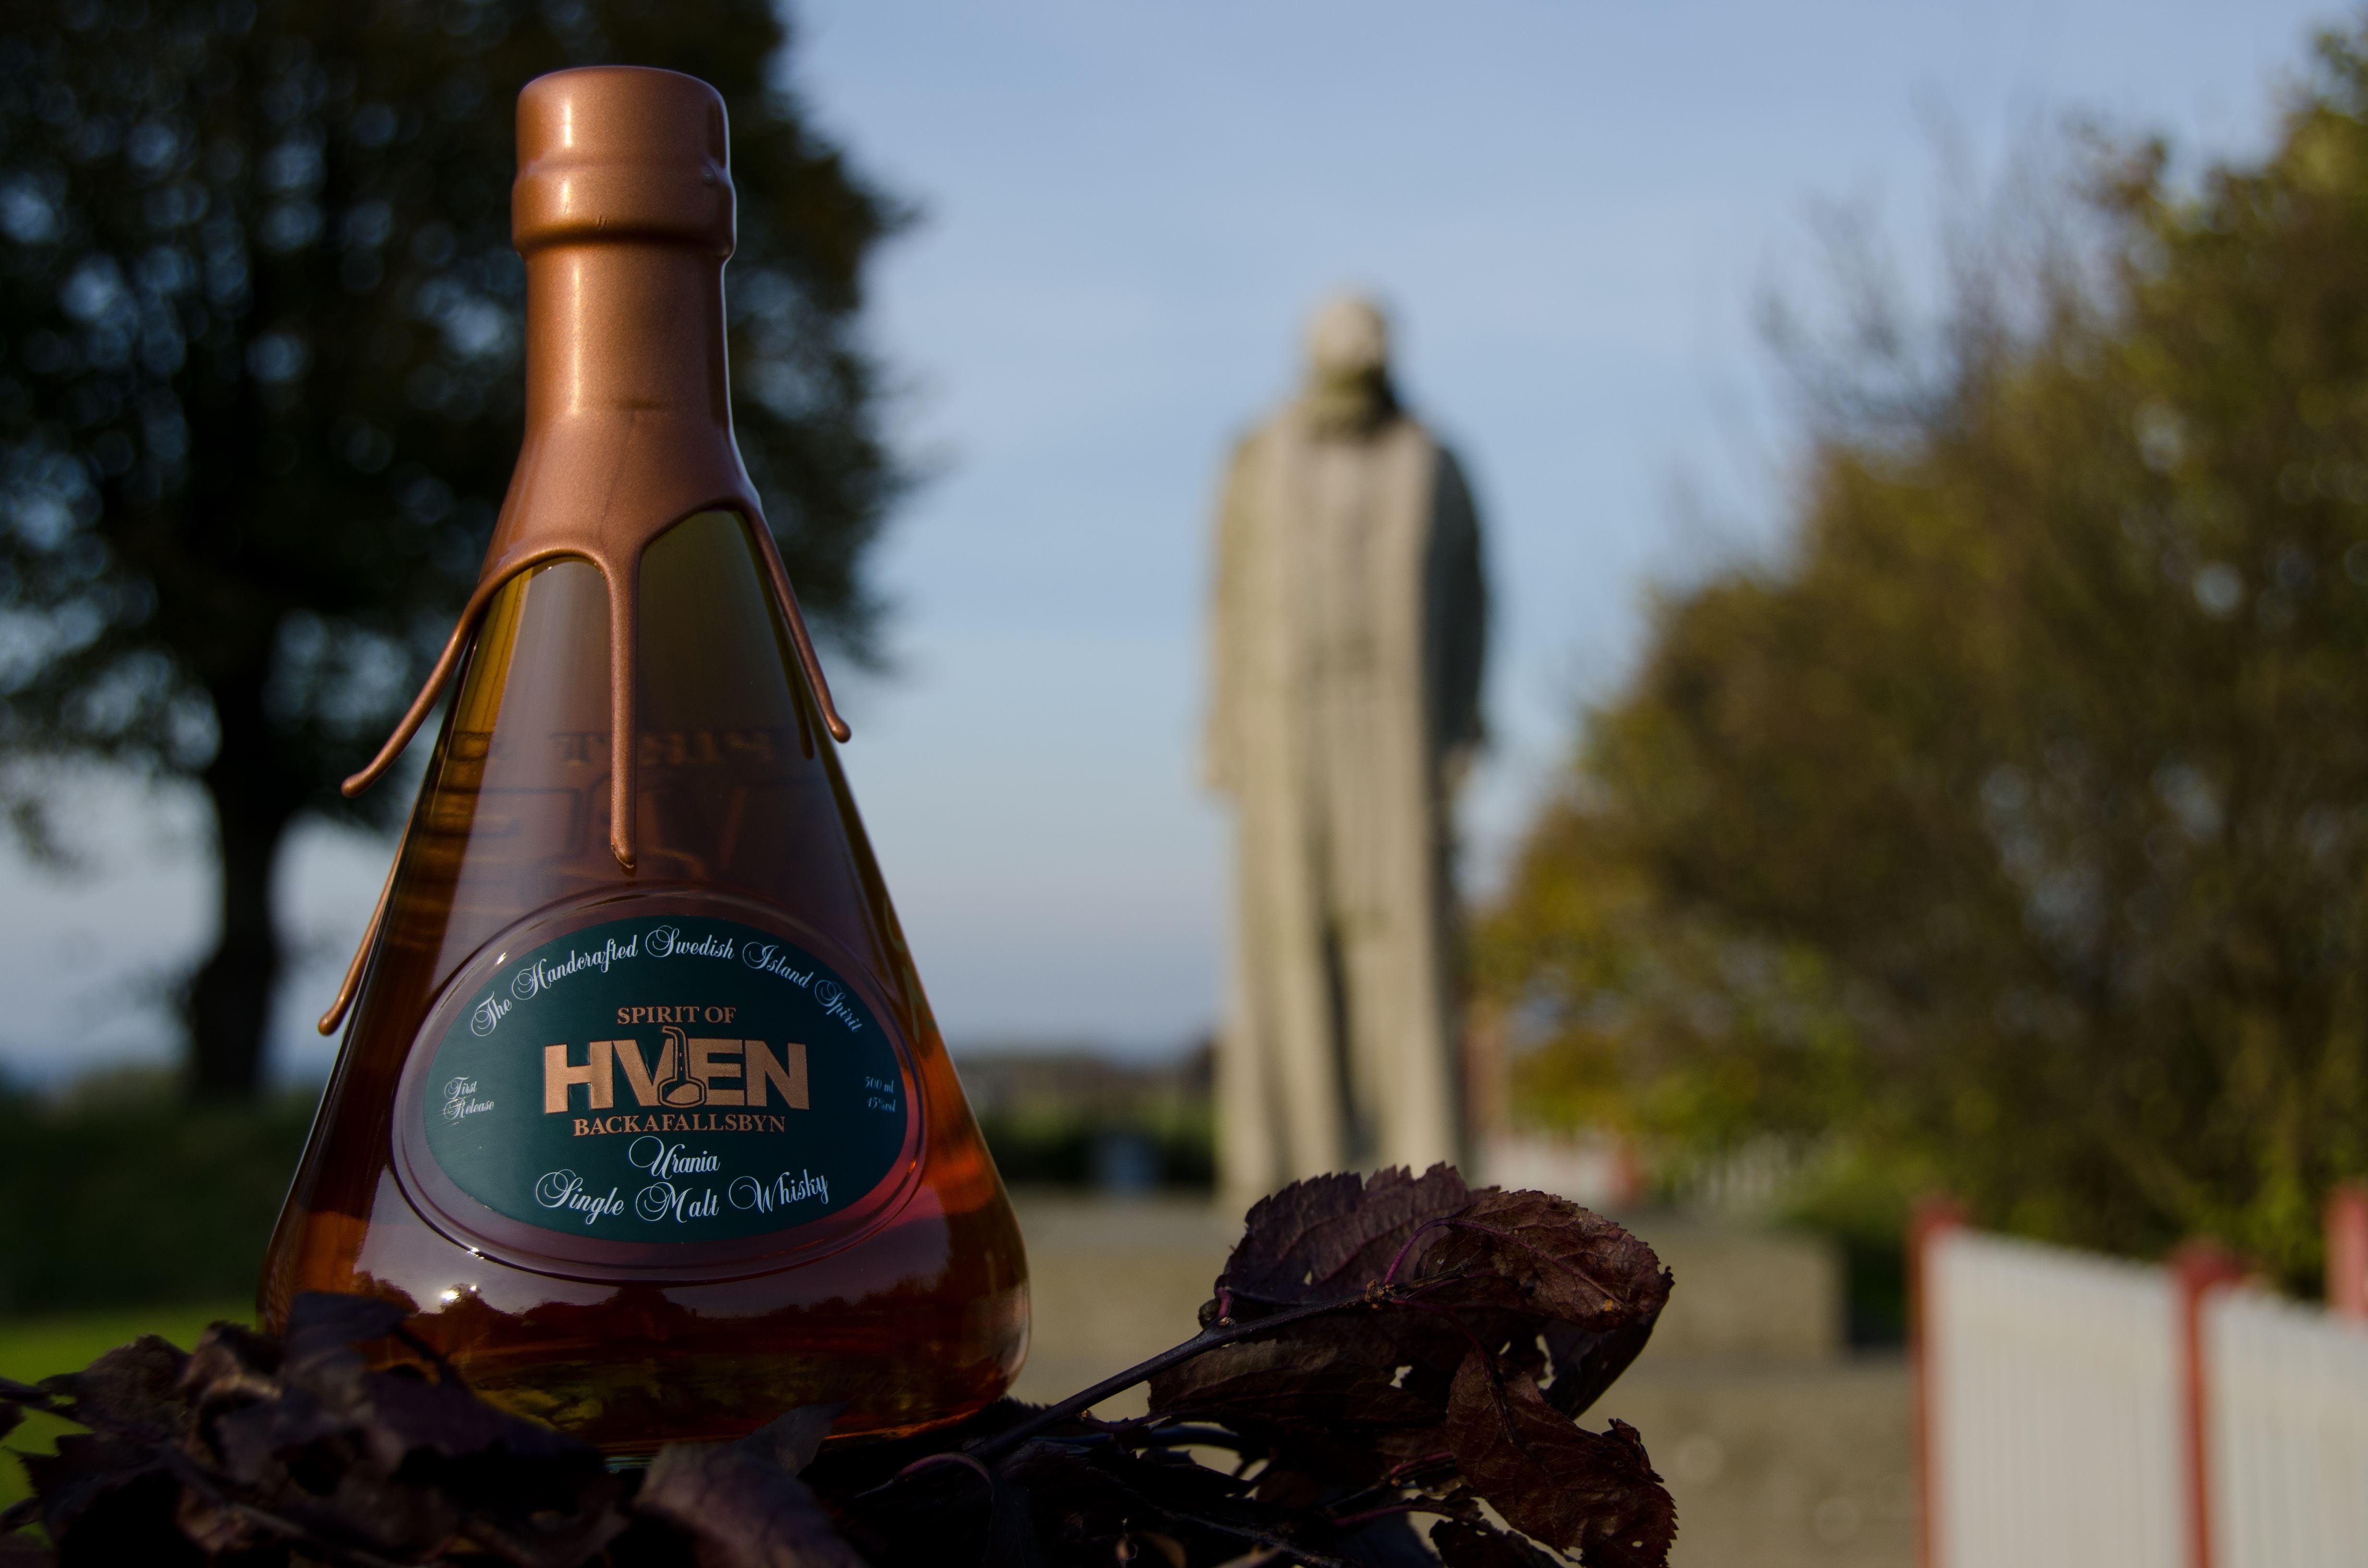 Spirit of Hven Backafallsbyn ,  © Spirit of Hven Backafallsbyn , Spirit of Hven Backafallsbyn